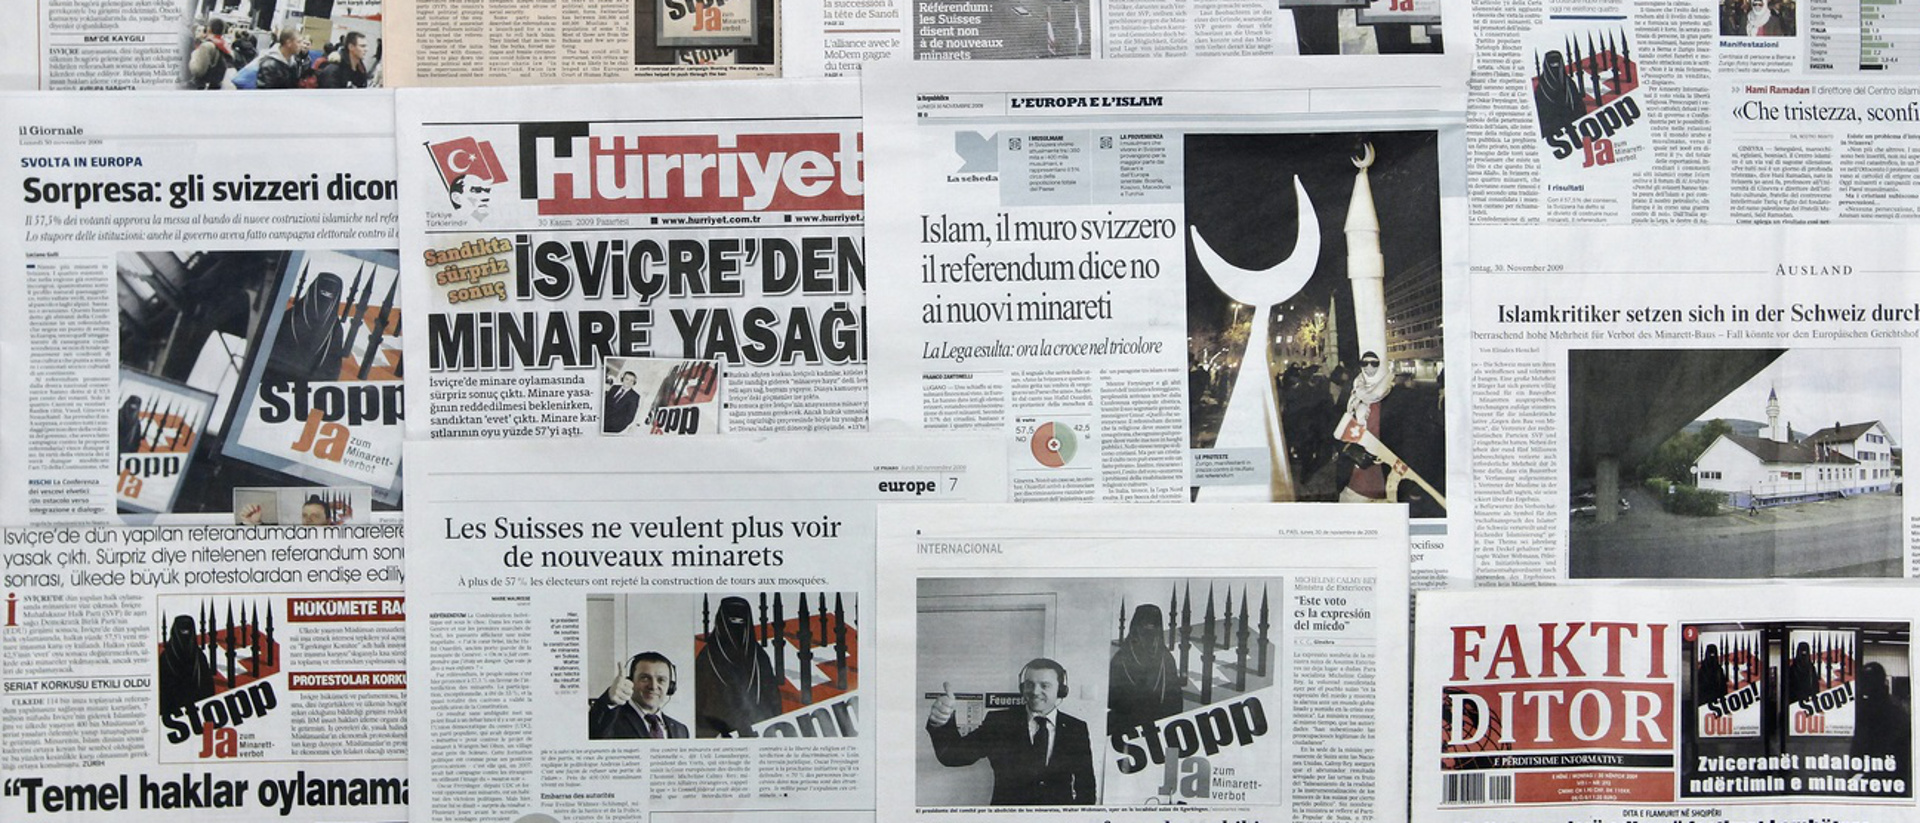 Internationale Zeitungen berichten über das Abstimmungsergebnis der Anti-Minarett Initiative 2009.